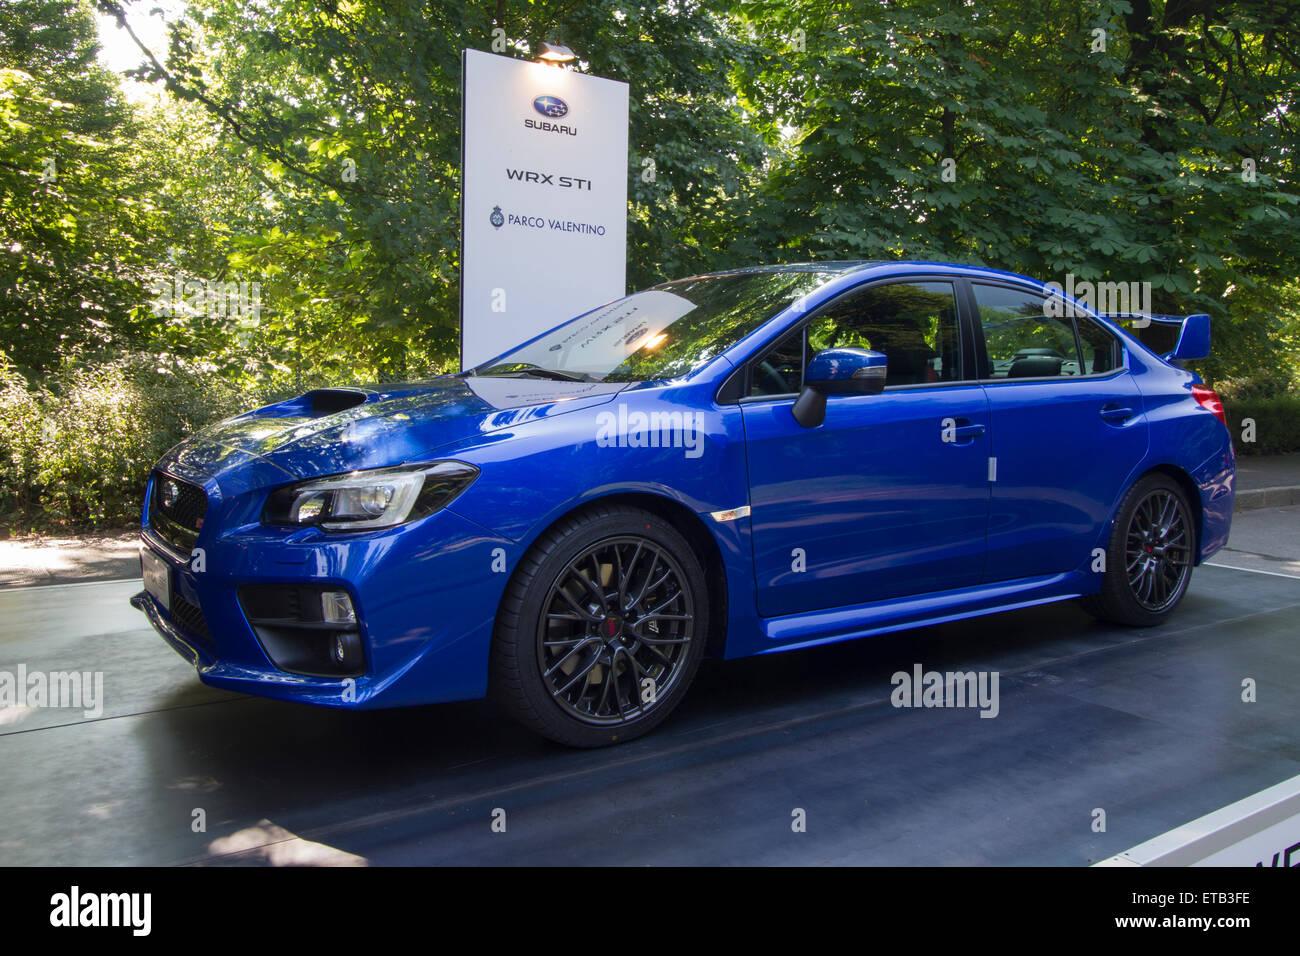 Subaru Wrx Sti Stock Photos & Subaru Wrx Sti Stock Images - Alamy